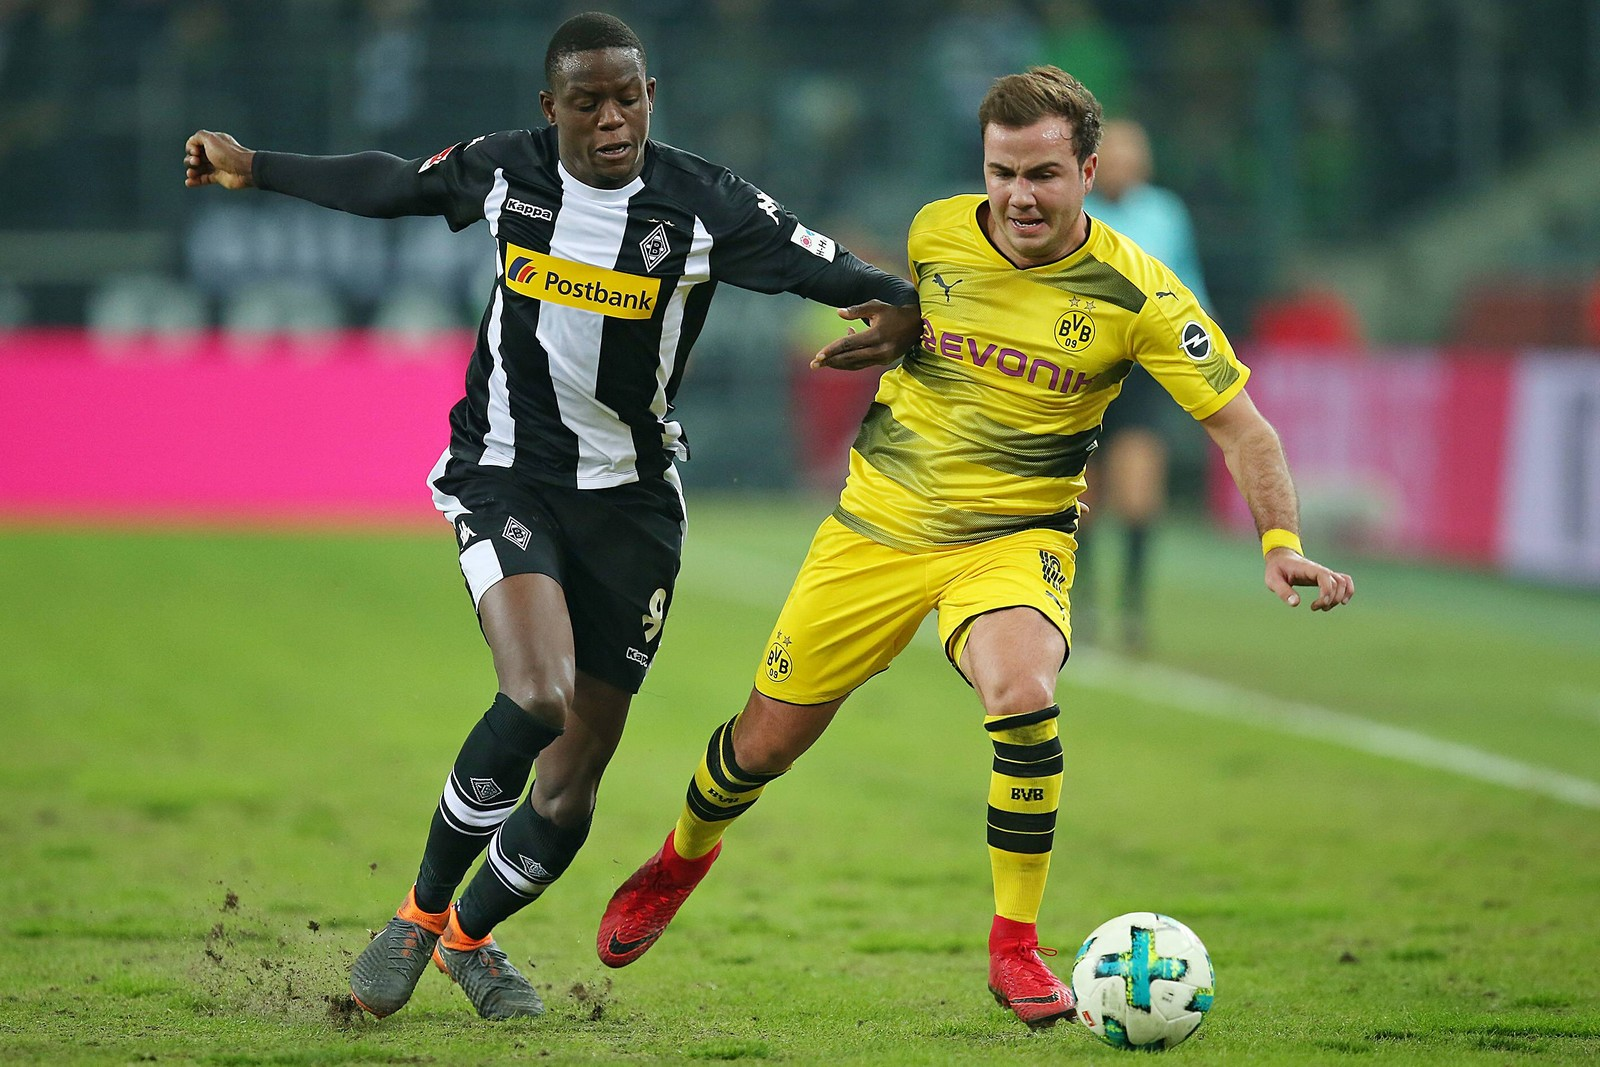 Kann Denis Zakaria Mario Götze in Schach halten? Jetzt auf BVB gegen Gladbach wetten!